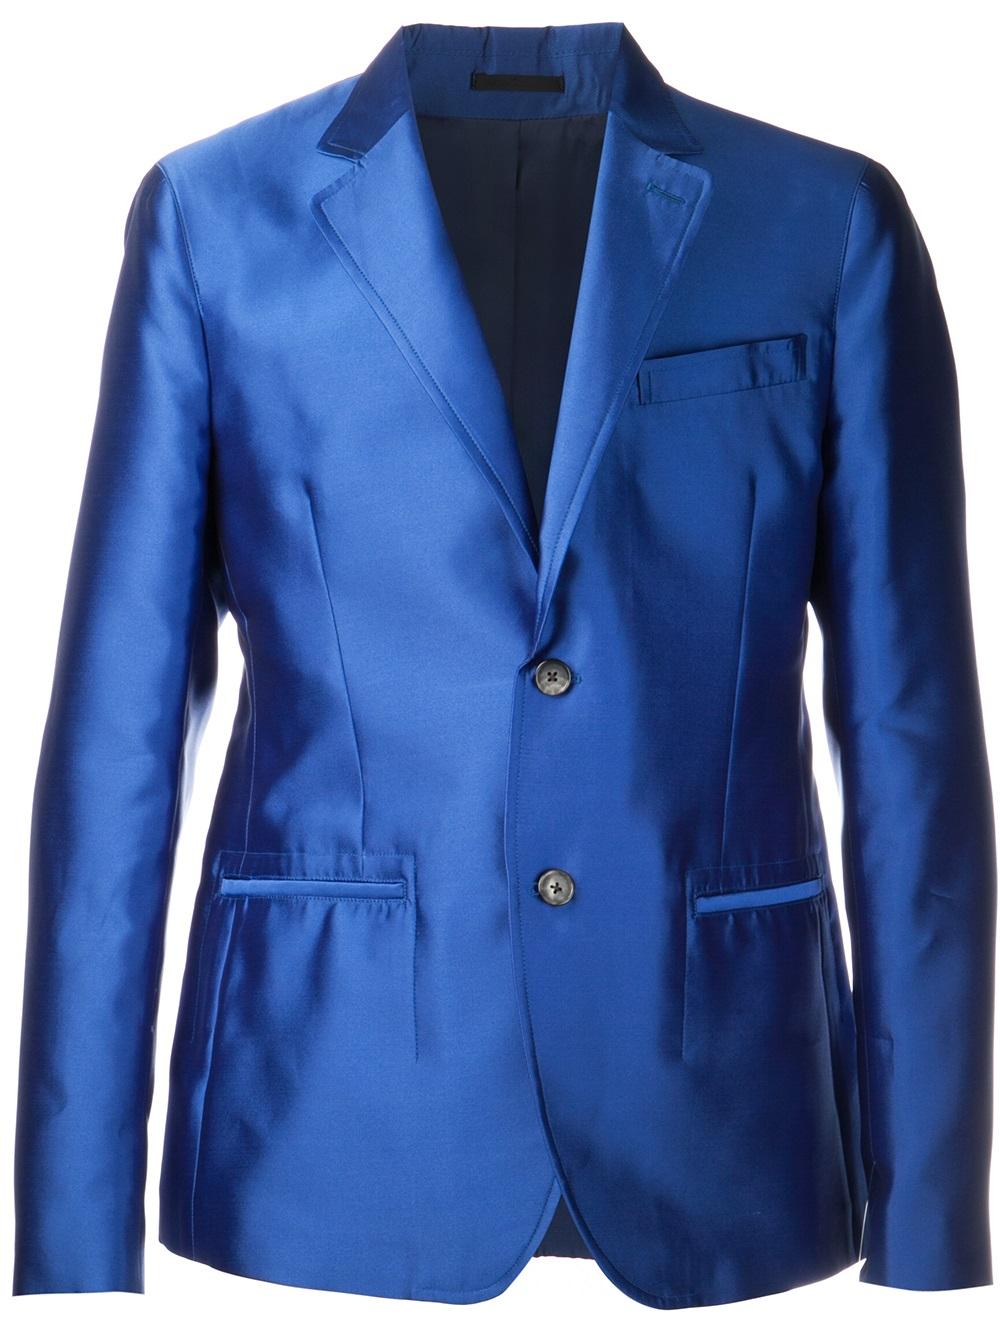 Alexander mcqueen Suit Jacket in Blue for Men | Lyst